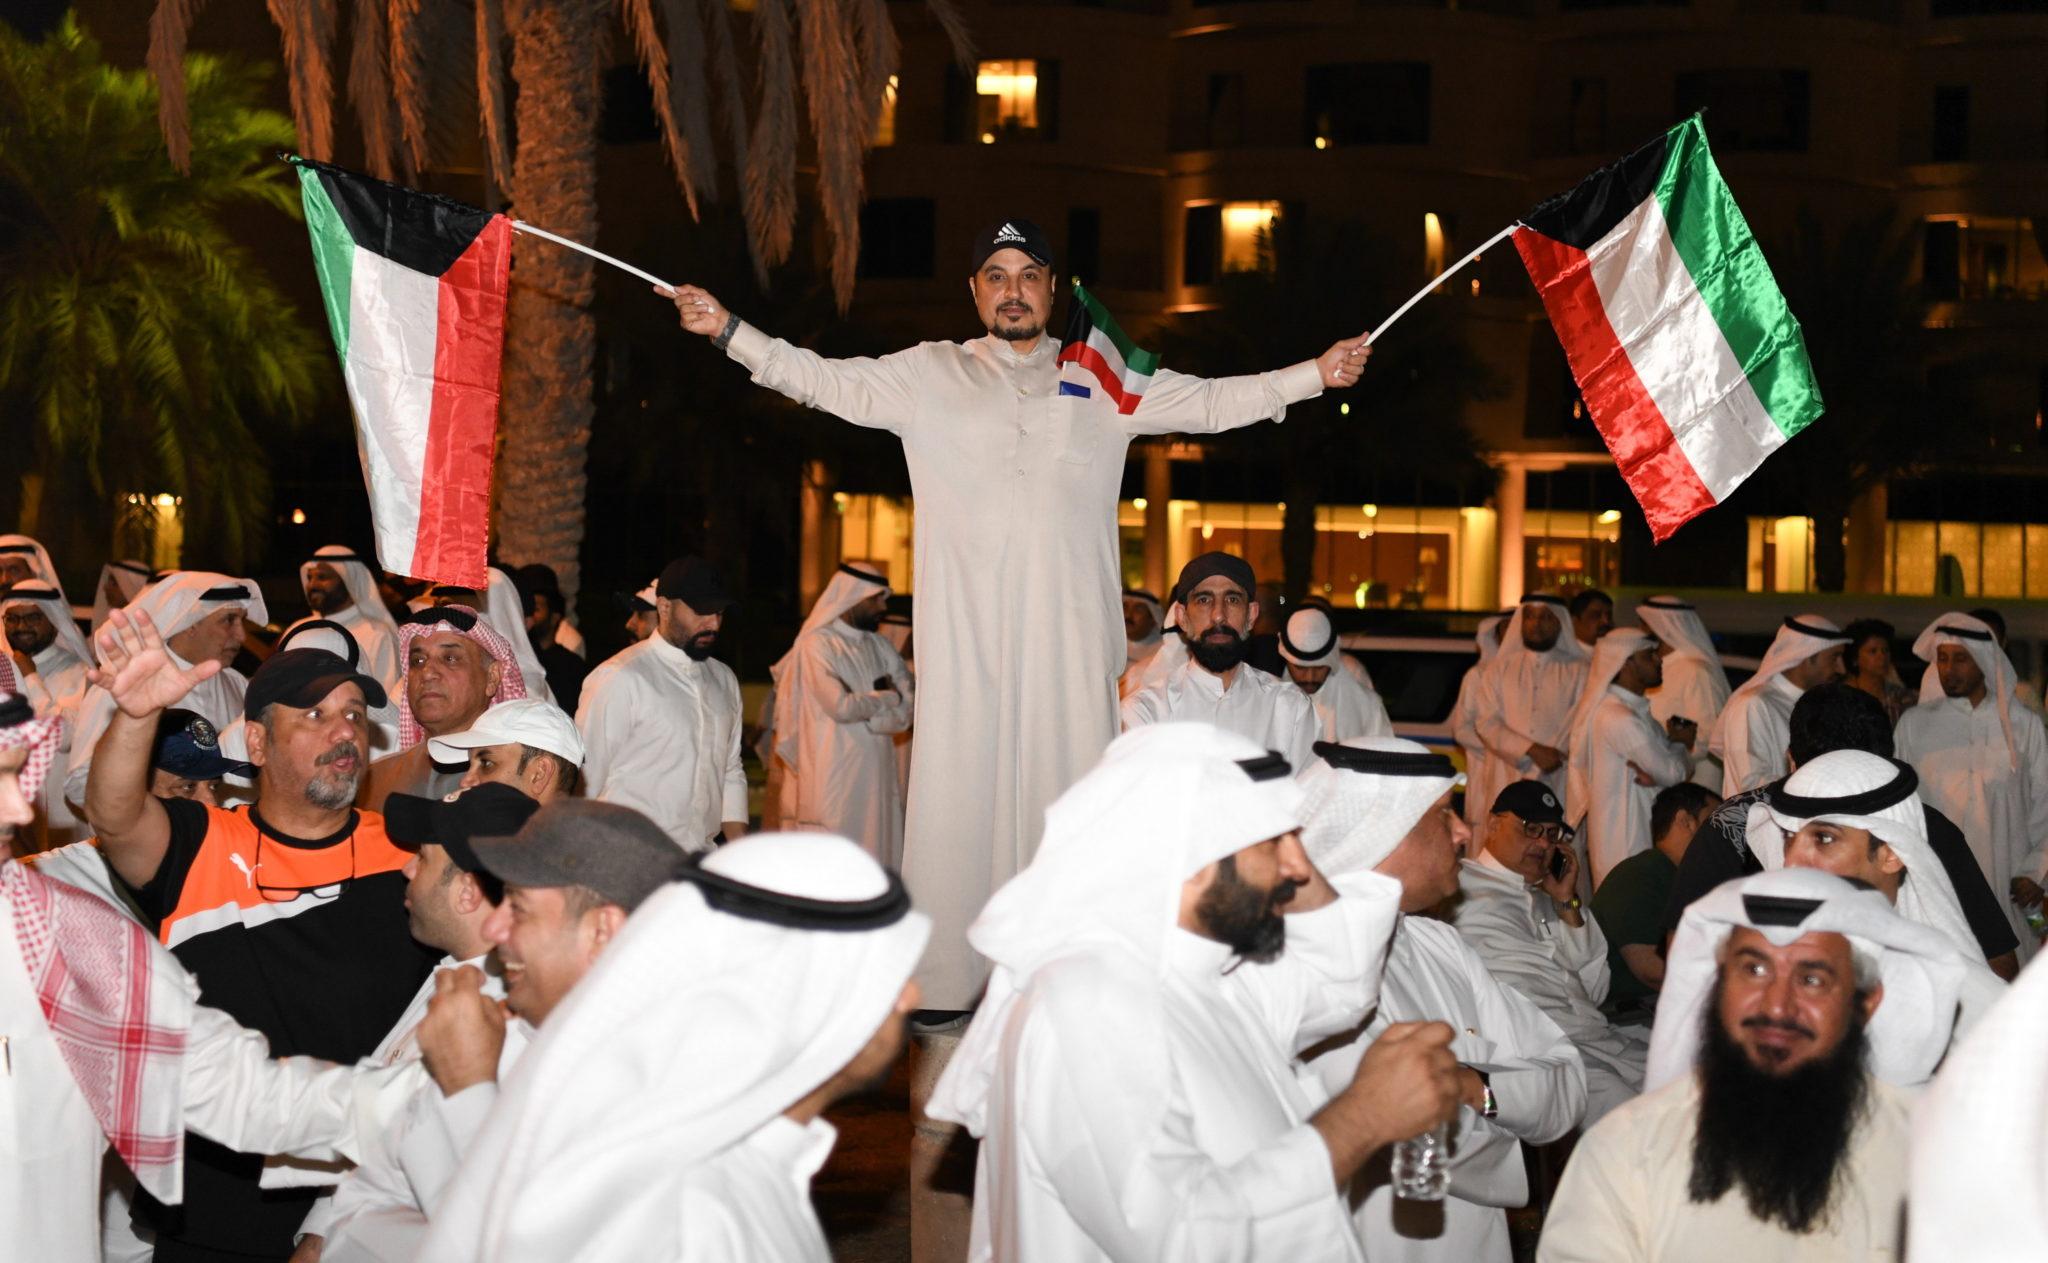 Kuwejt: demonstracja naprzeciwko Zgromadzenia Narodowego, protestujący zarzucają rządowi skorumpowanie, fot. EPA/NOUFAL IBRAHIM